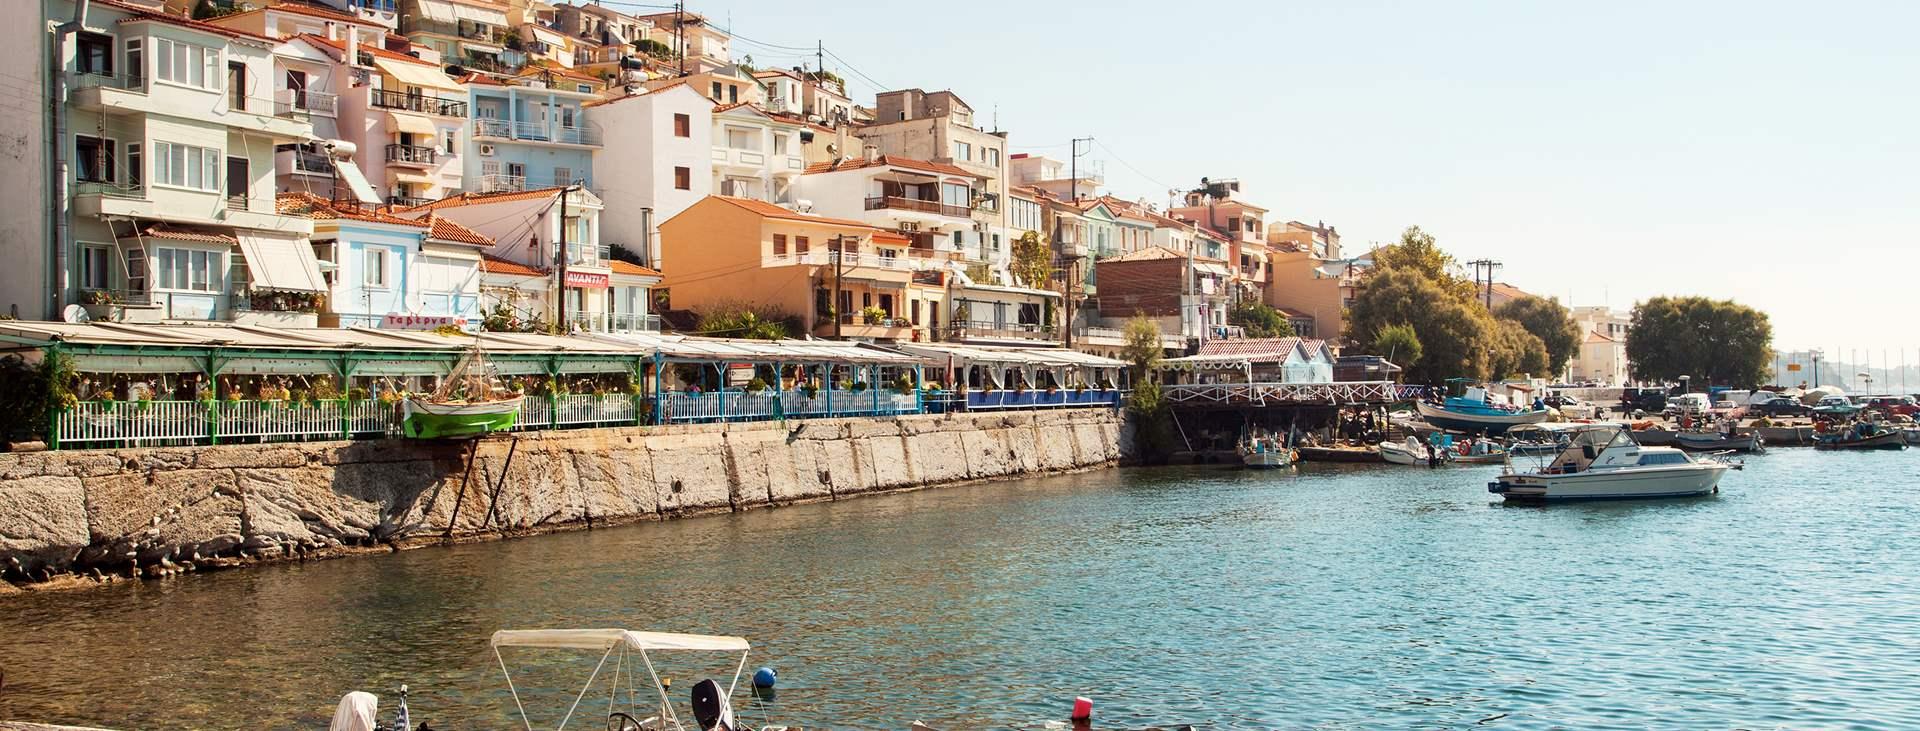 Boka din resa till Plomari på Lesbos med Ving